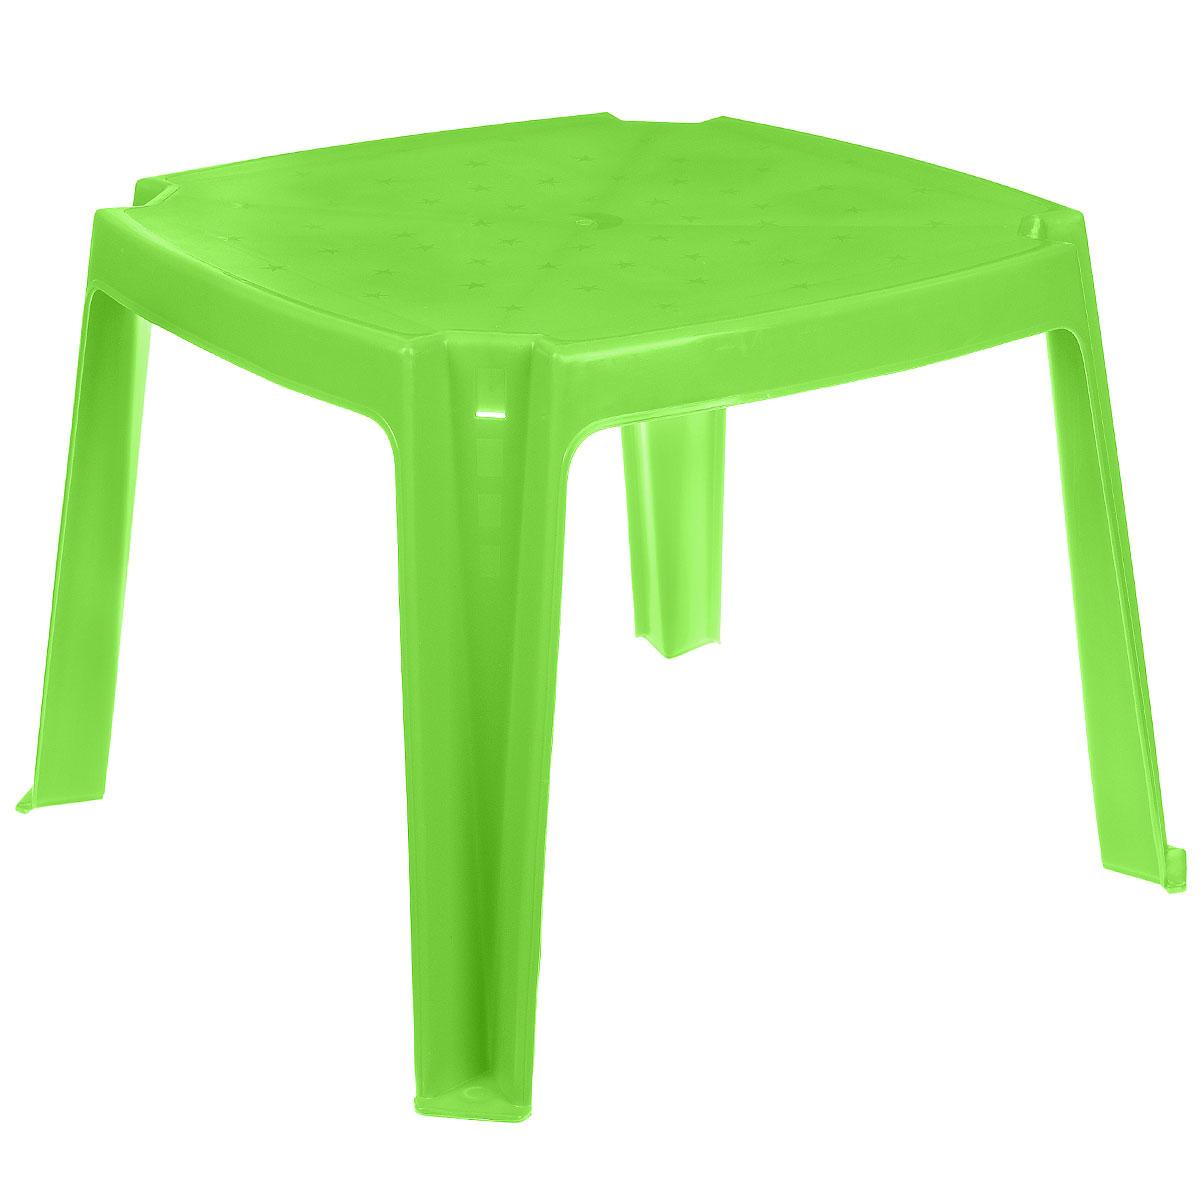 Стол детский PalPlay, цвет: салатовый, 53 см х 53 см365_салатовыйУдобный детский столик PalPlay необходим каждому ребенку. За столиком ребенок может играть, заниматься творчеством. Изделие изготовлено из прочного, но легкого пластика.Теперь у малыша будет отдельный столик, который идеально подойдет ему по размеру и он сможет приглашать на чаепитие своих друзей, в том числе и плюшевых, а также заниматься творческой работой: рисовать, лепить, раскрашивать. Высота стола: 43 см. Размер столешницы: 53 см х 53 см.